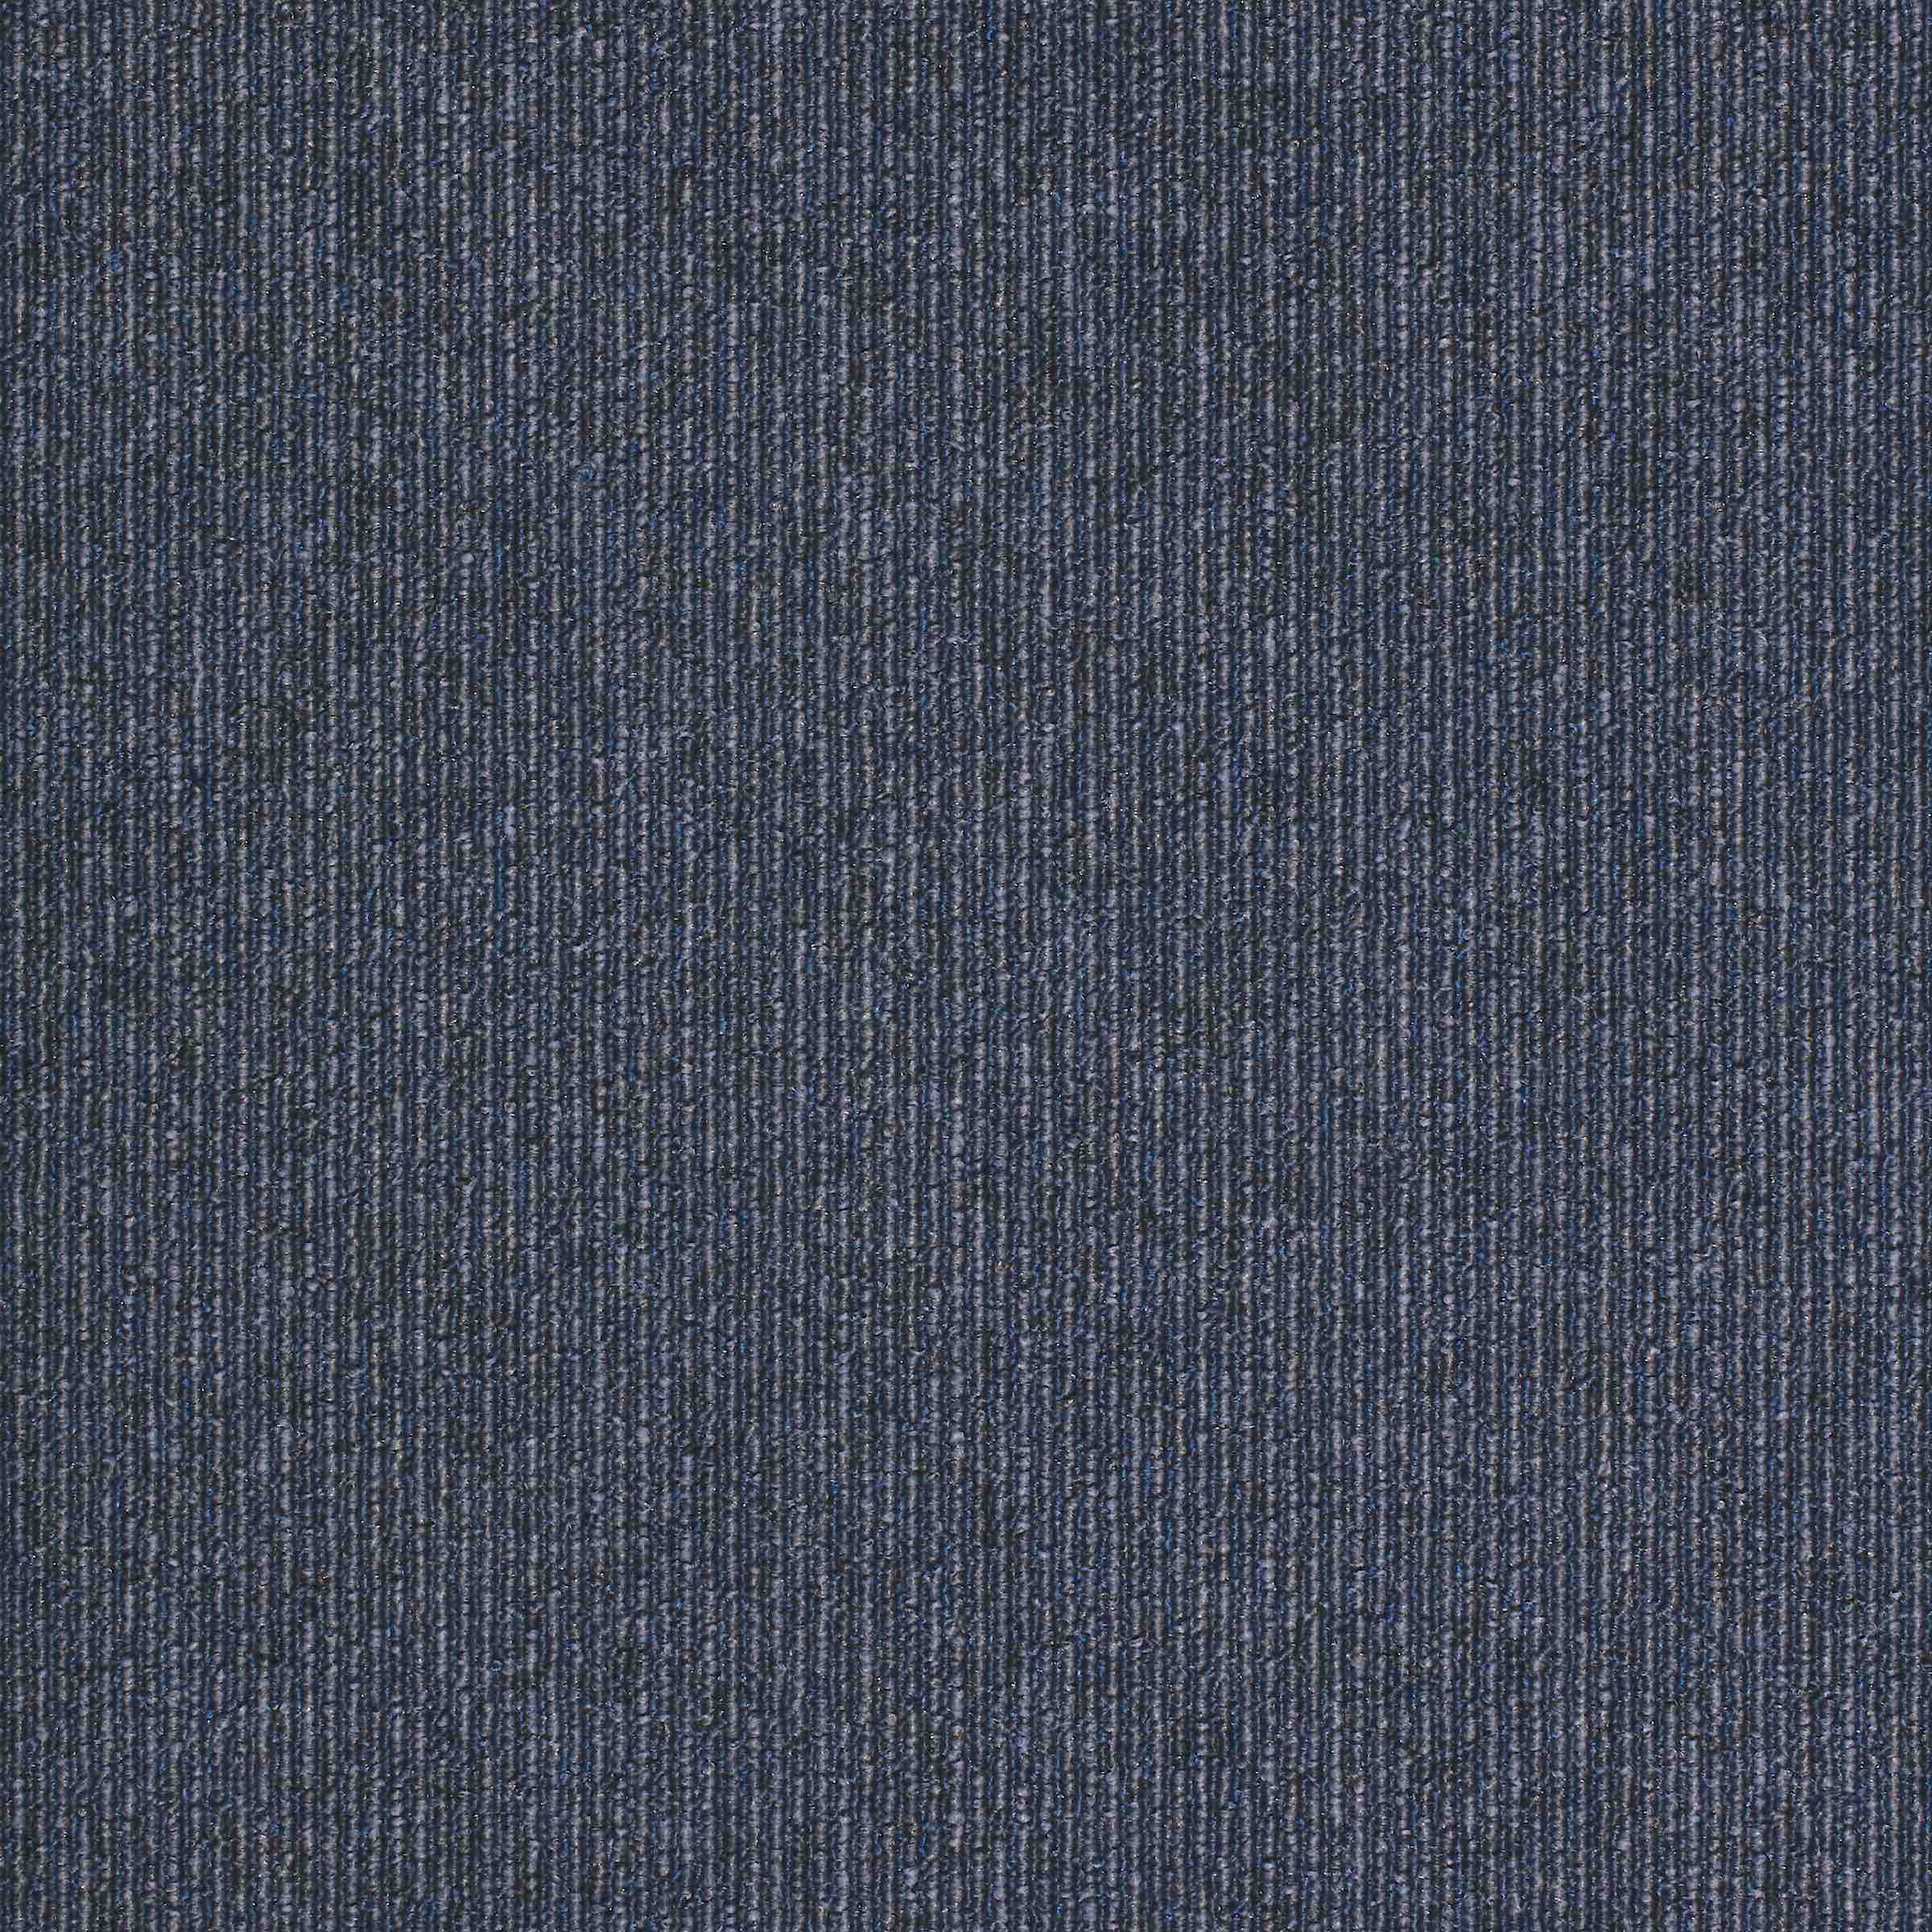 Macaw Stripe   Sapphire : Aegean   Paragon Carpet Tiles   Commercial Carpet Tiles